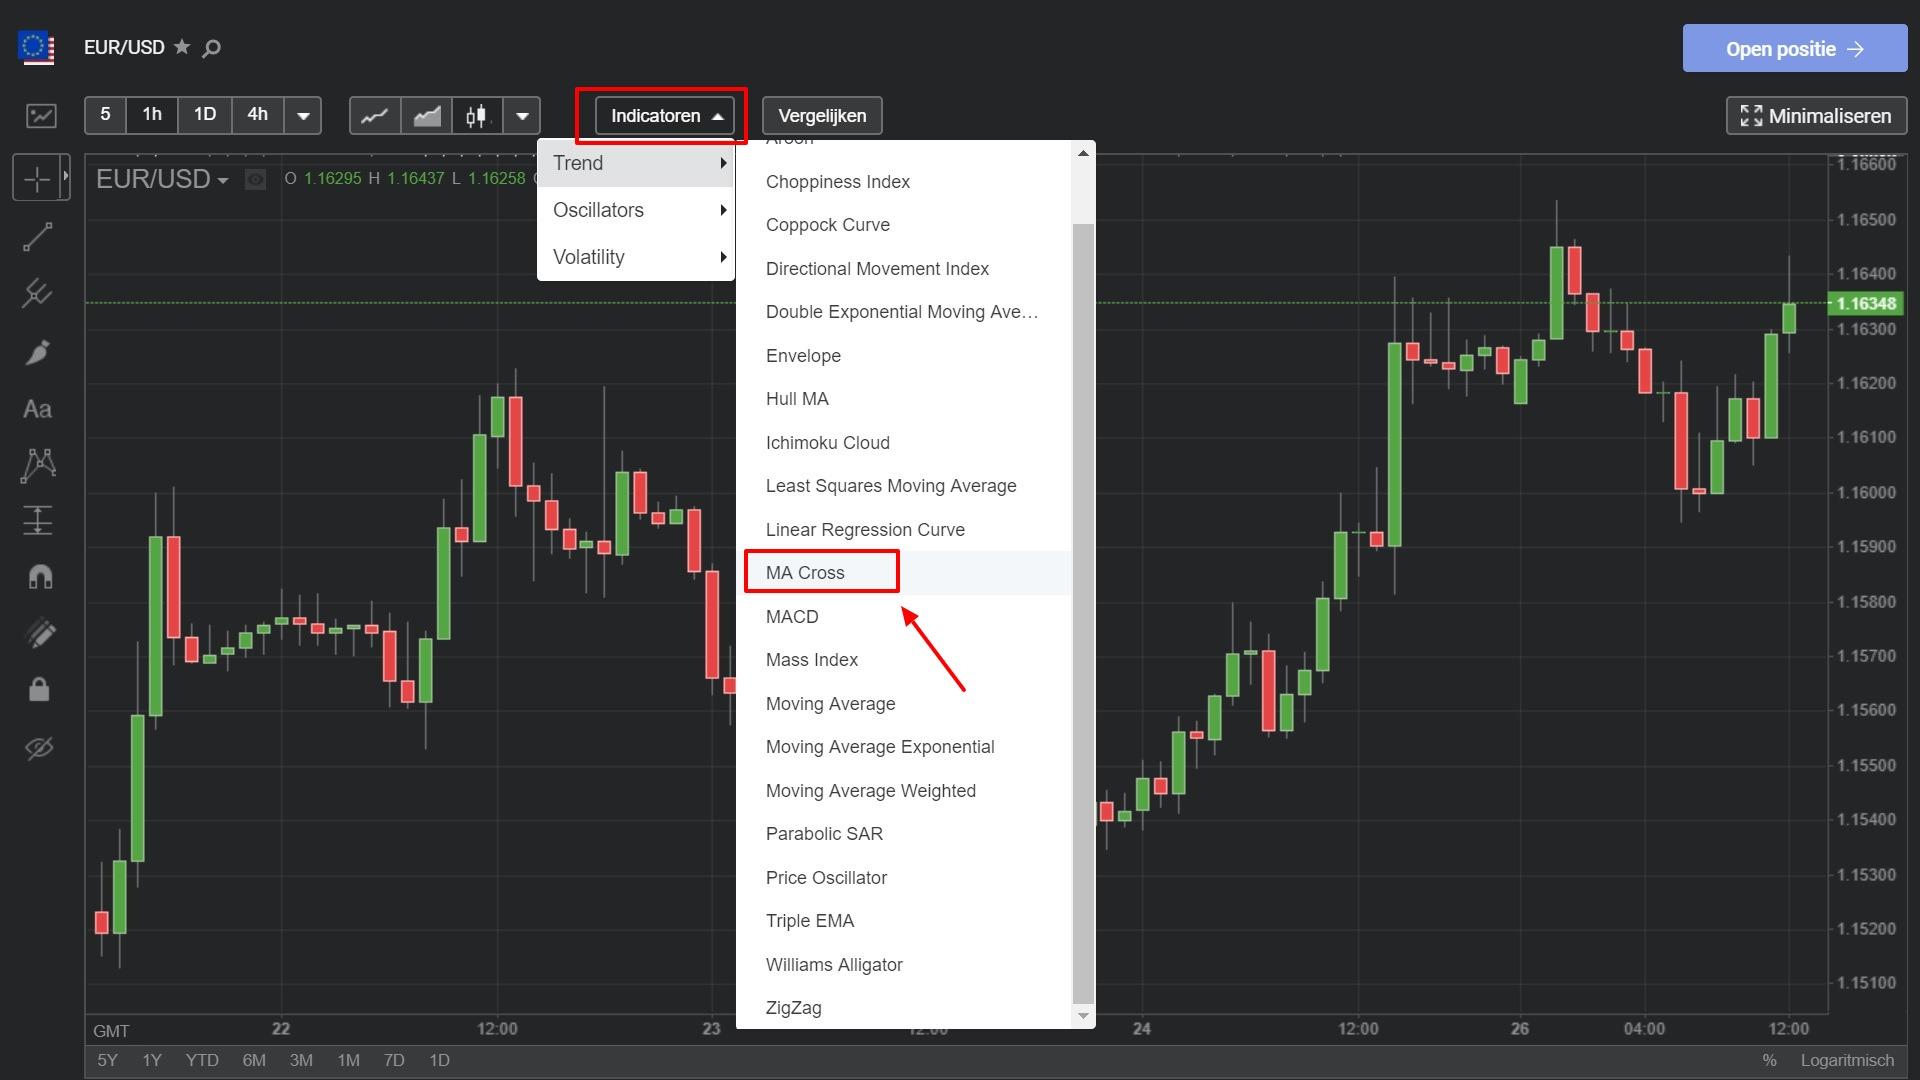 De MA Cross indicator op je grafiek zetten